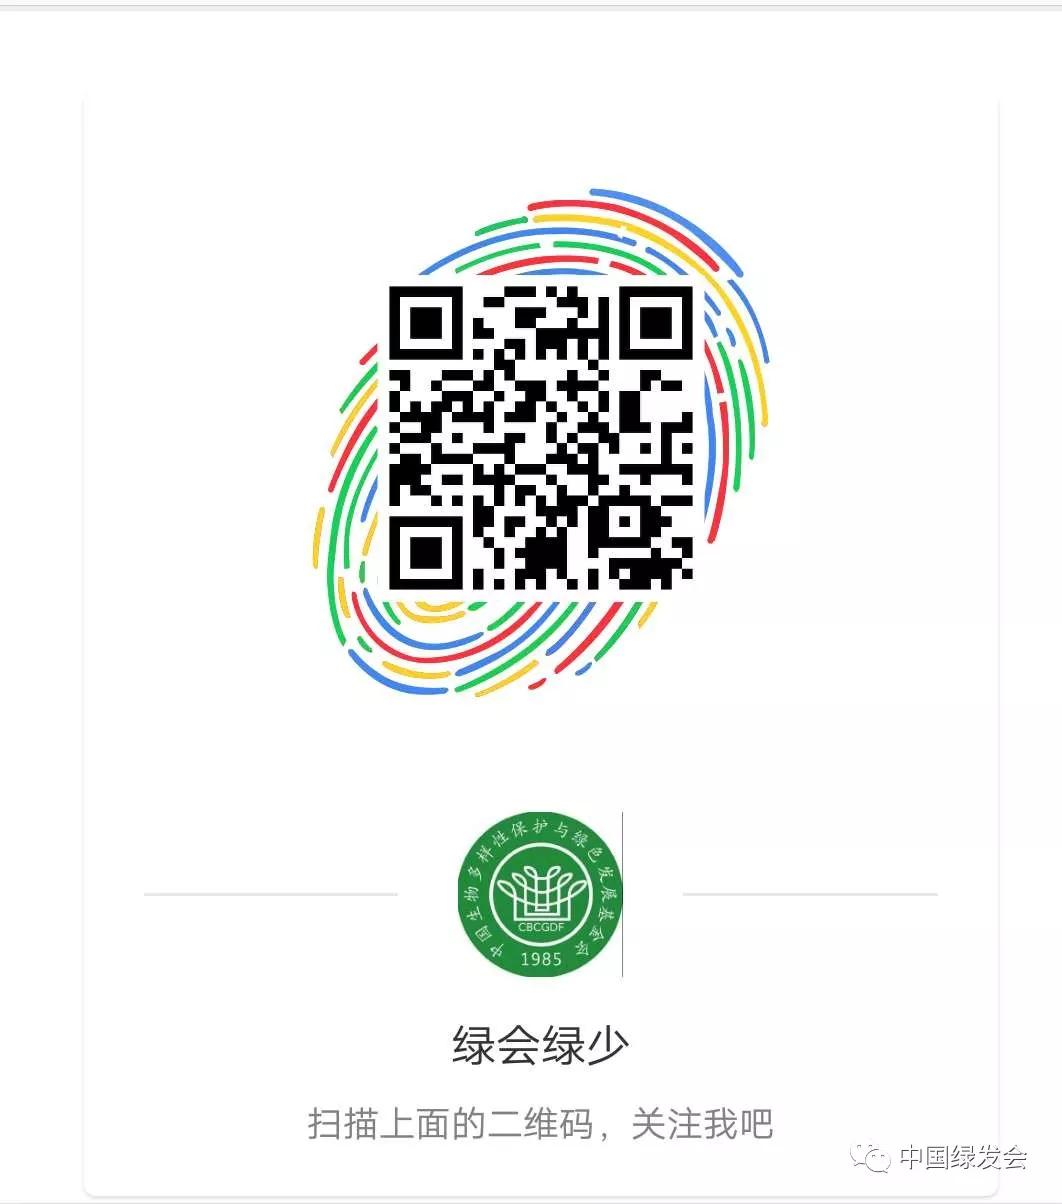 微信图片_20190505103302.png